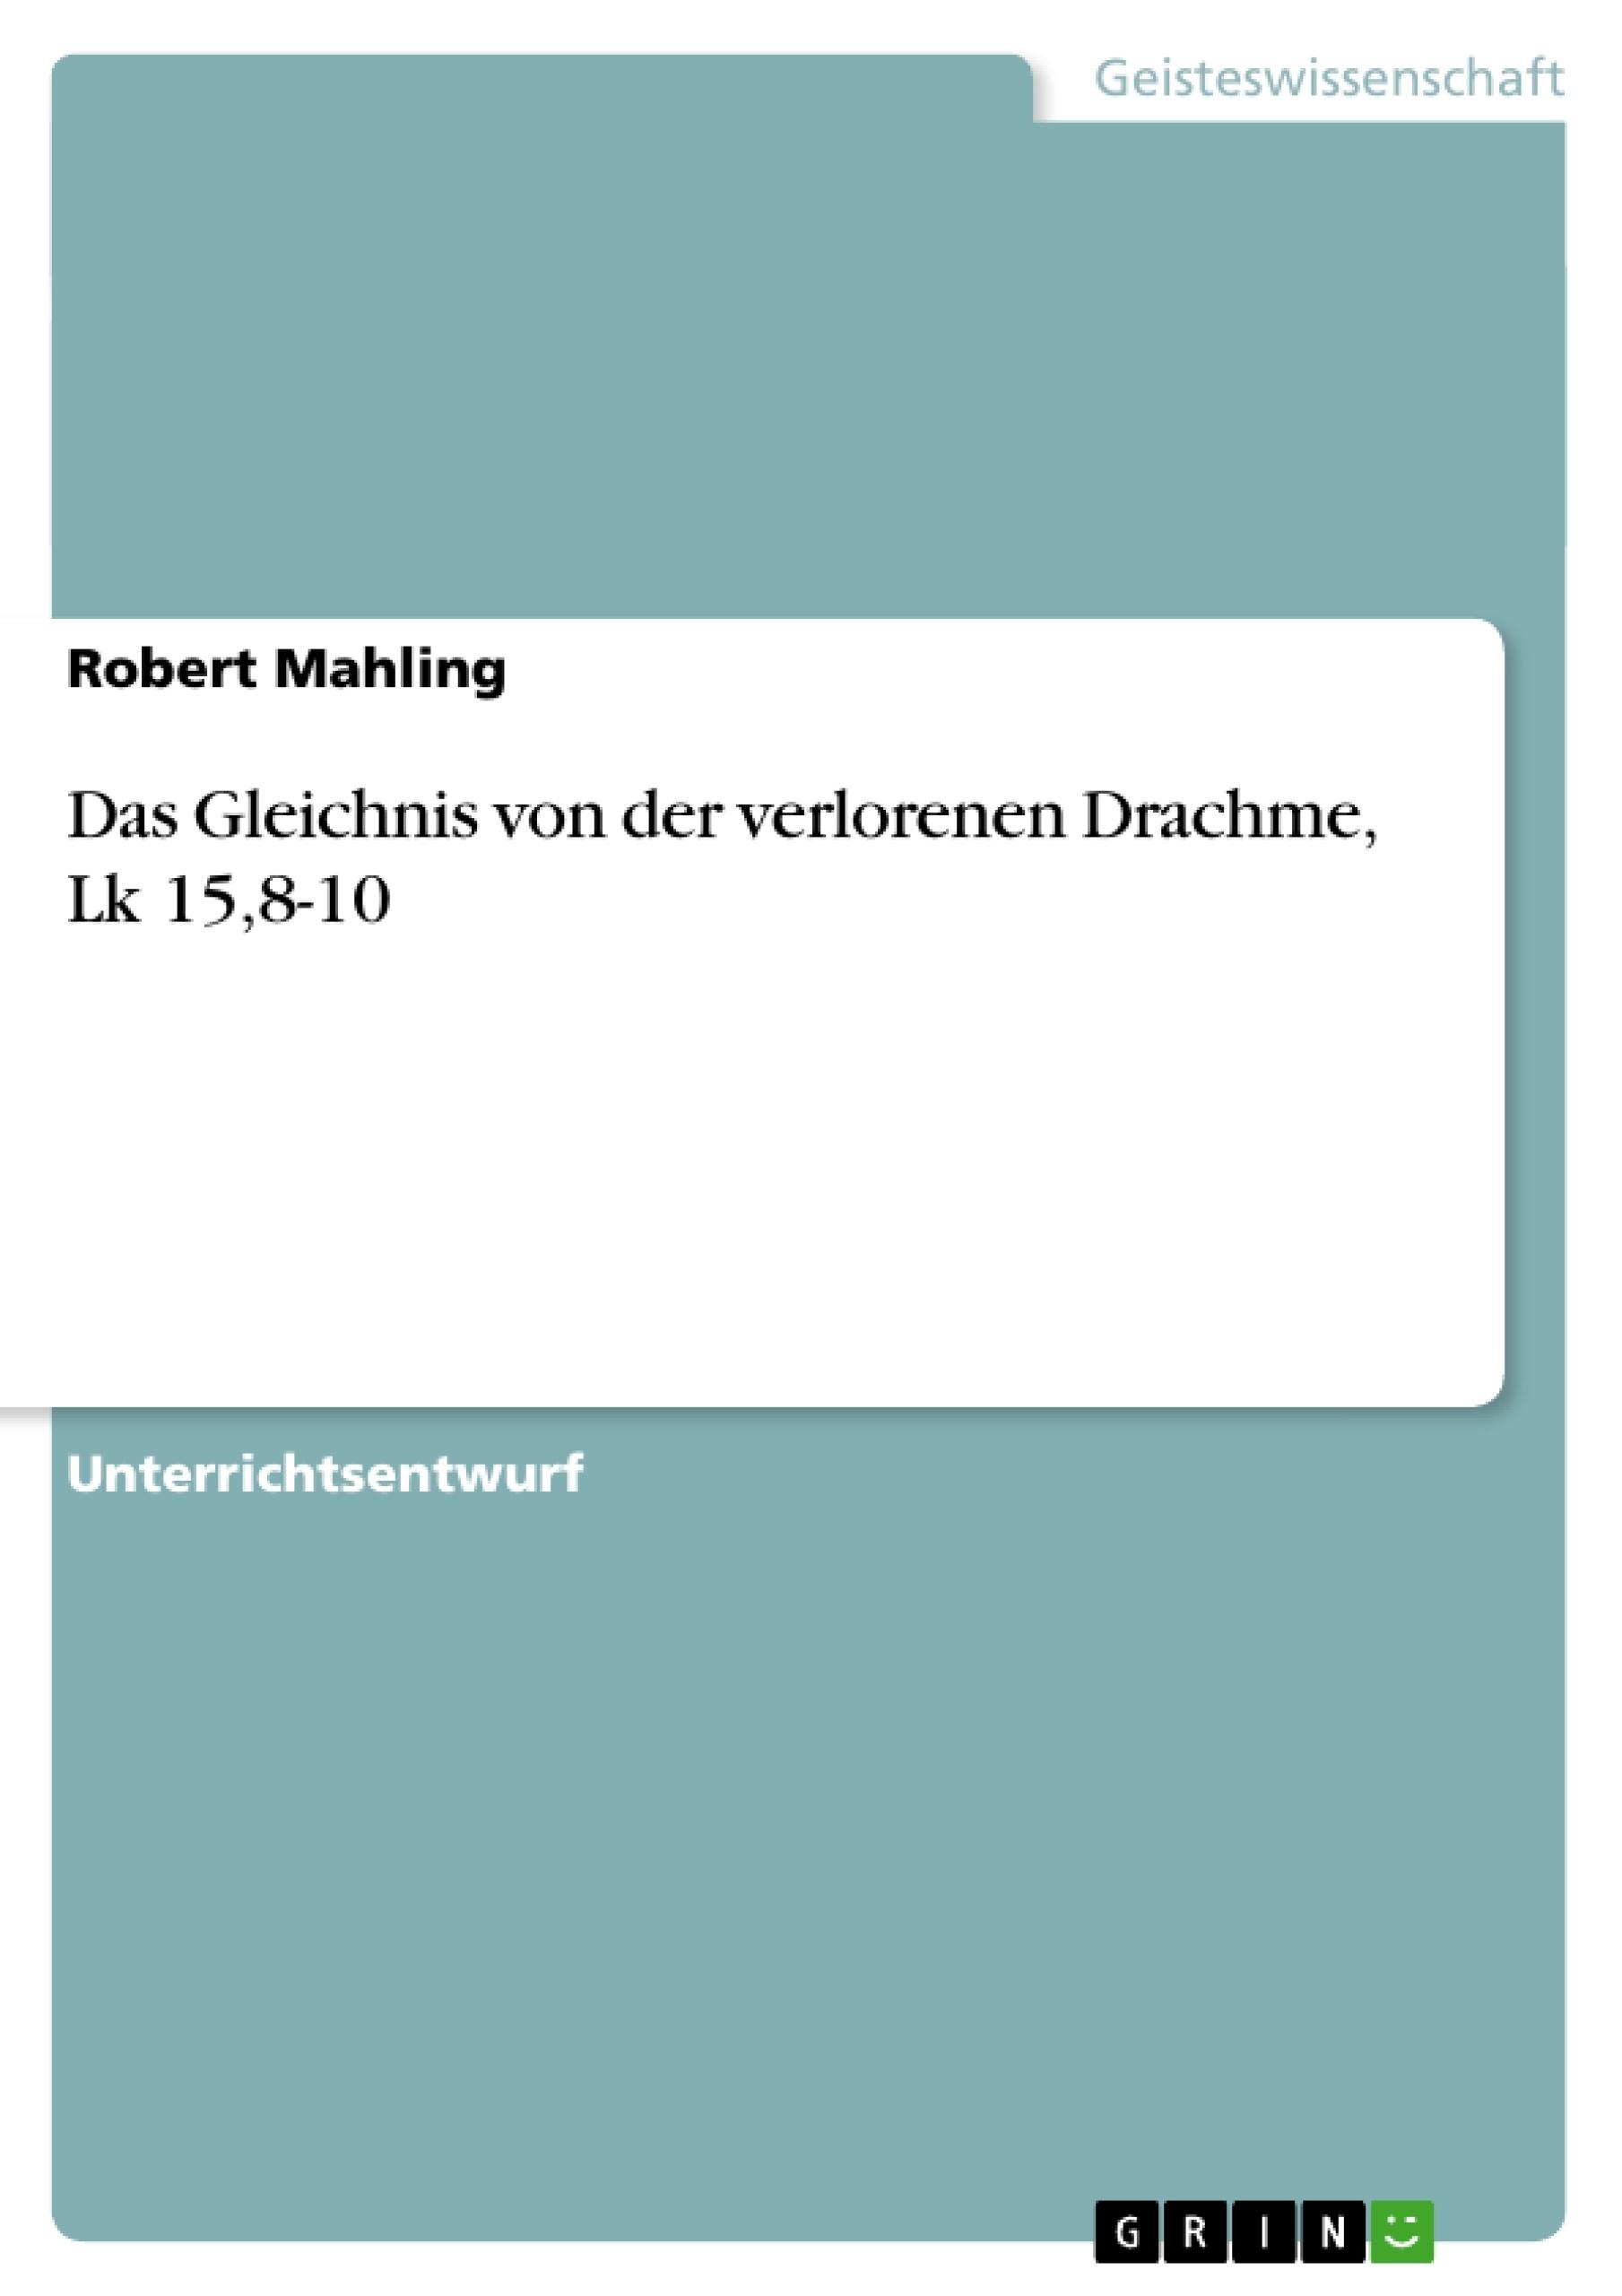 Titel: Das Gleichnis von der verlorenen Drachme, Lk 15,8-10